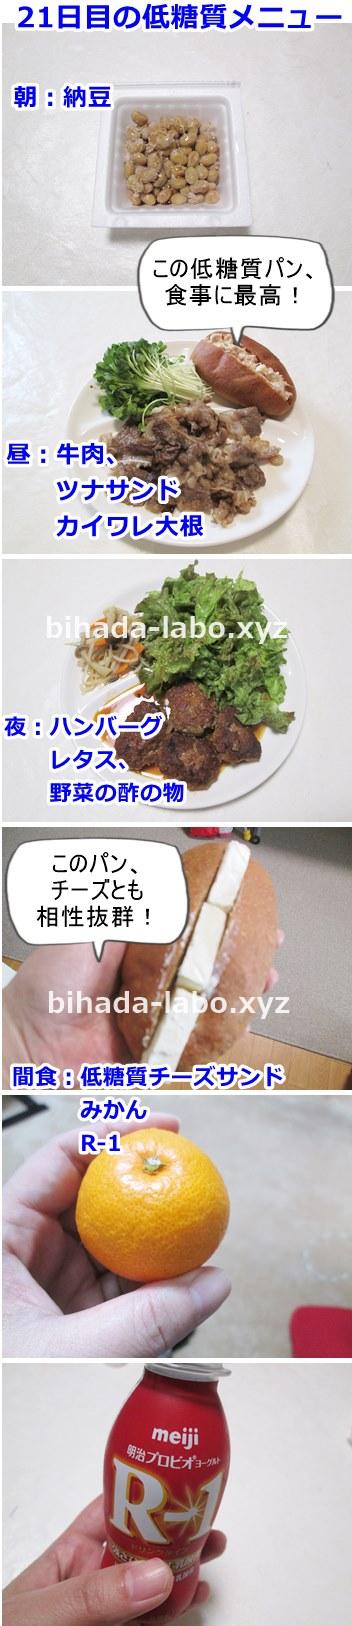 bi-food21